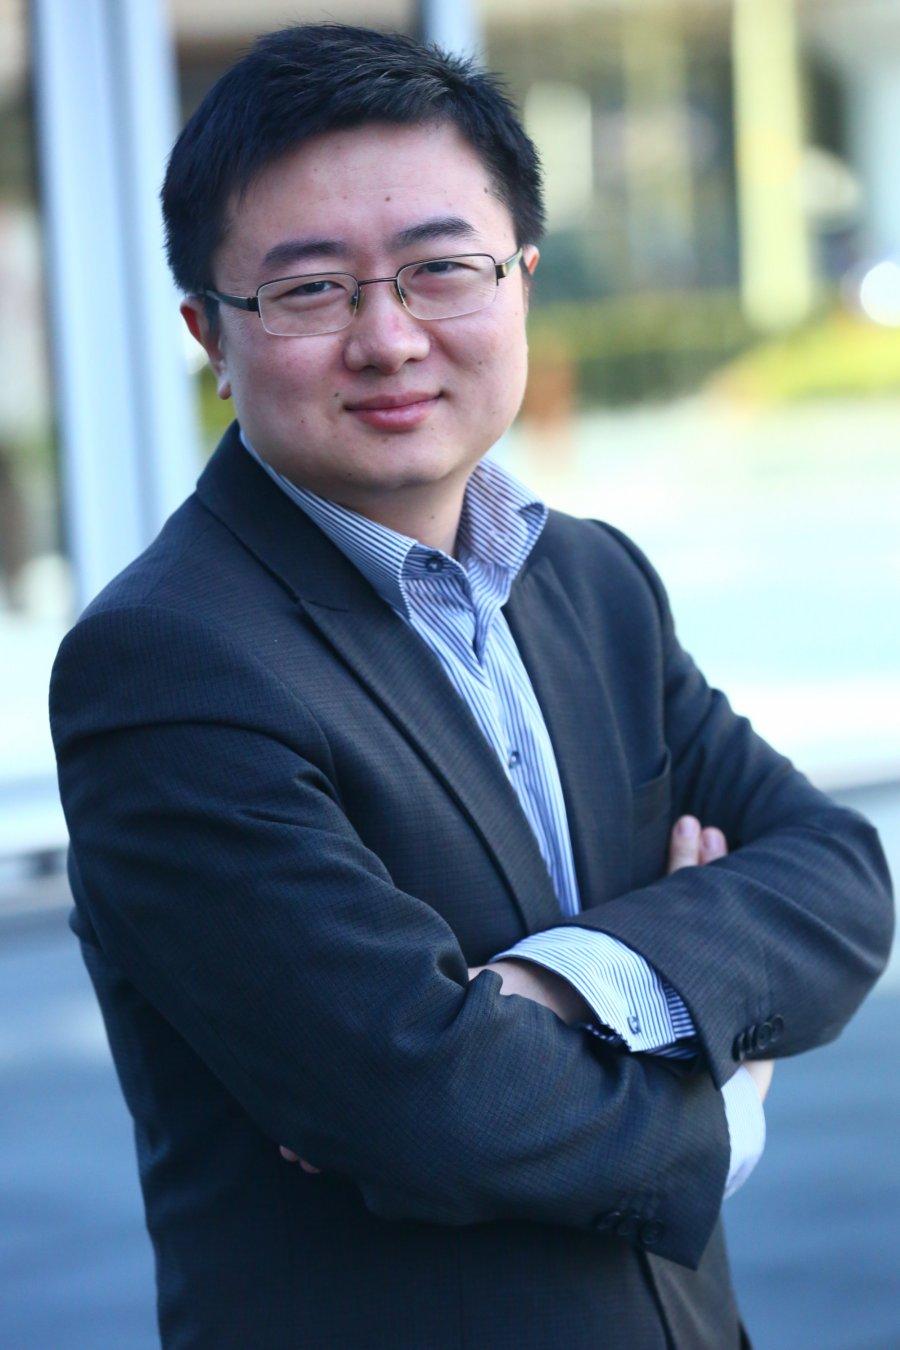 姜中予任大马华为消费者业务集团国家总监